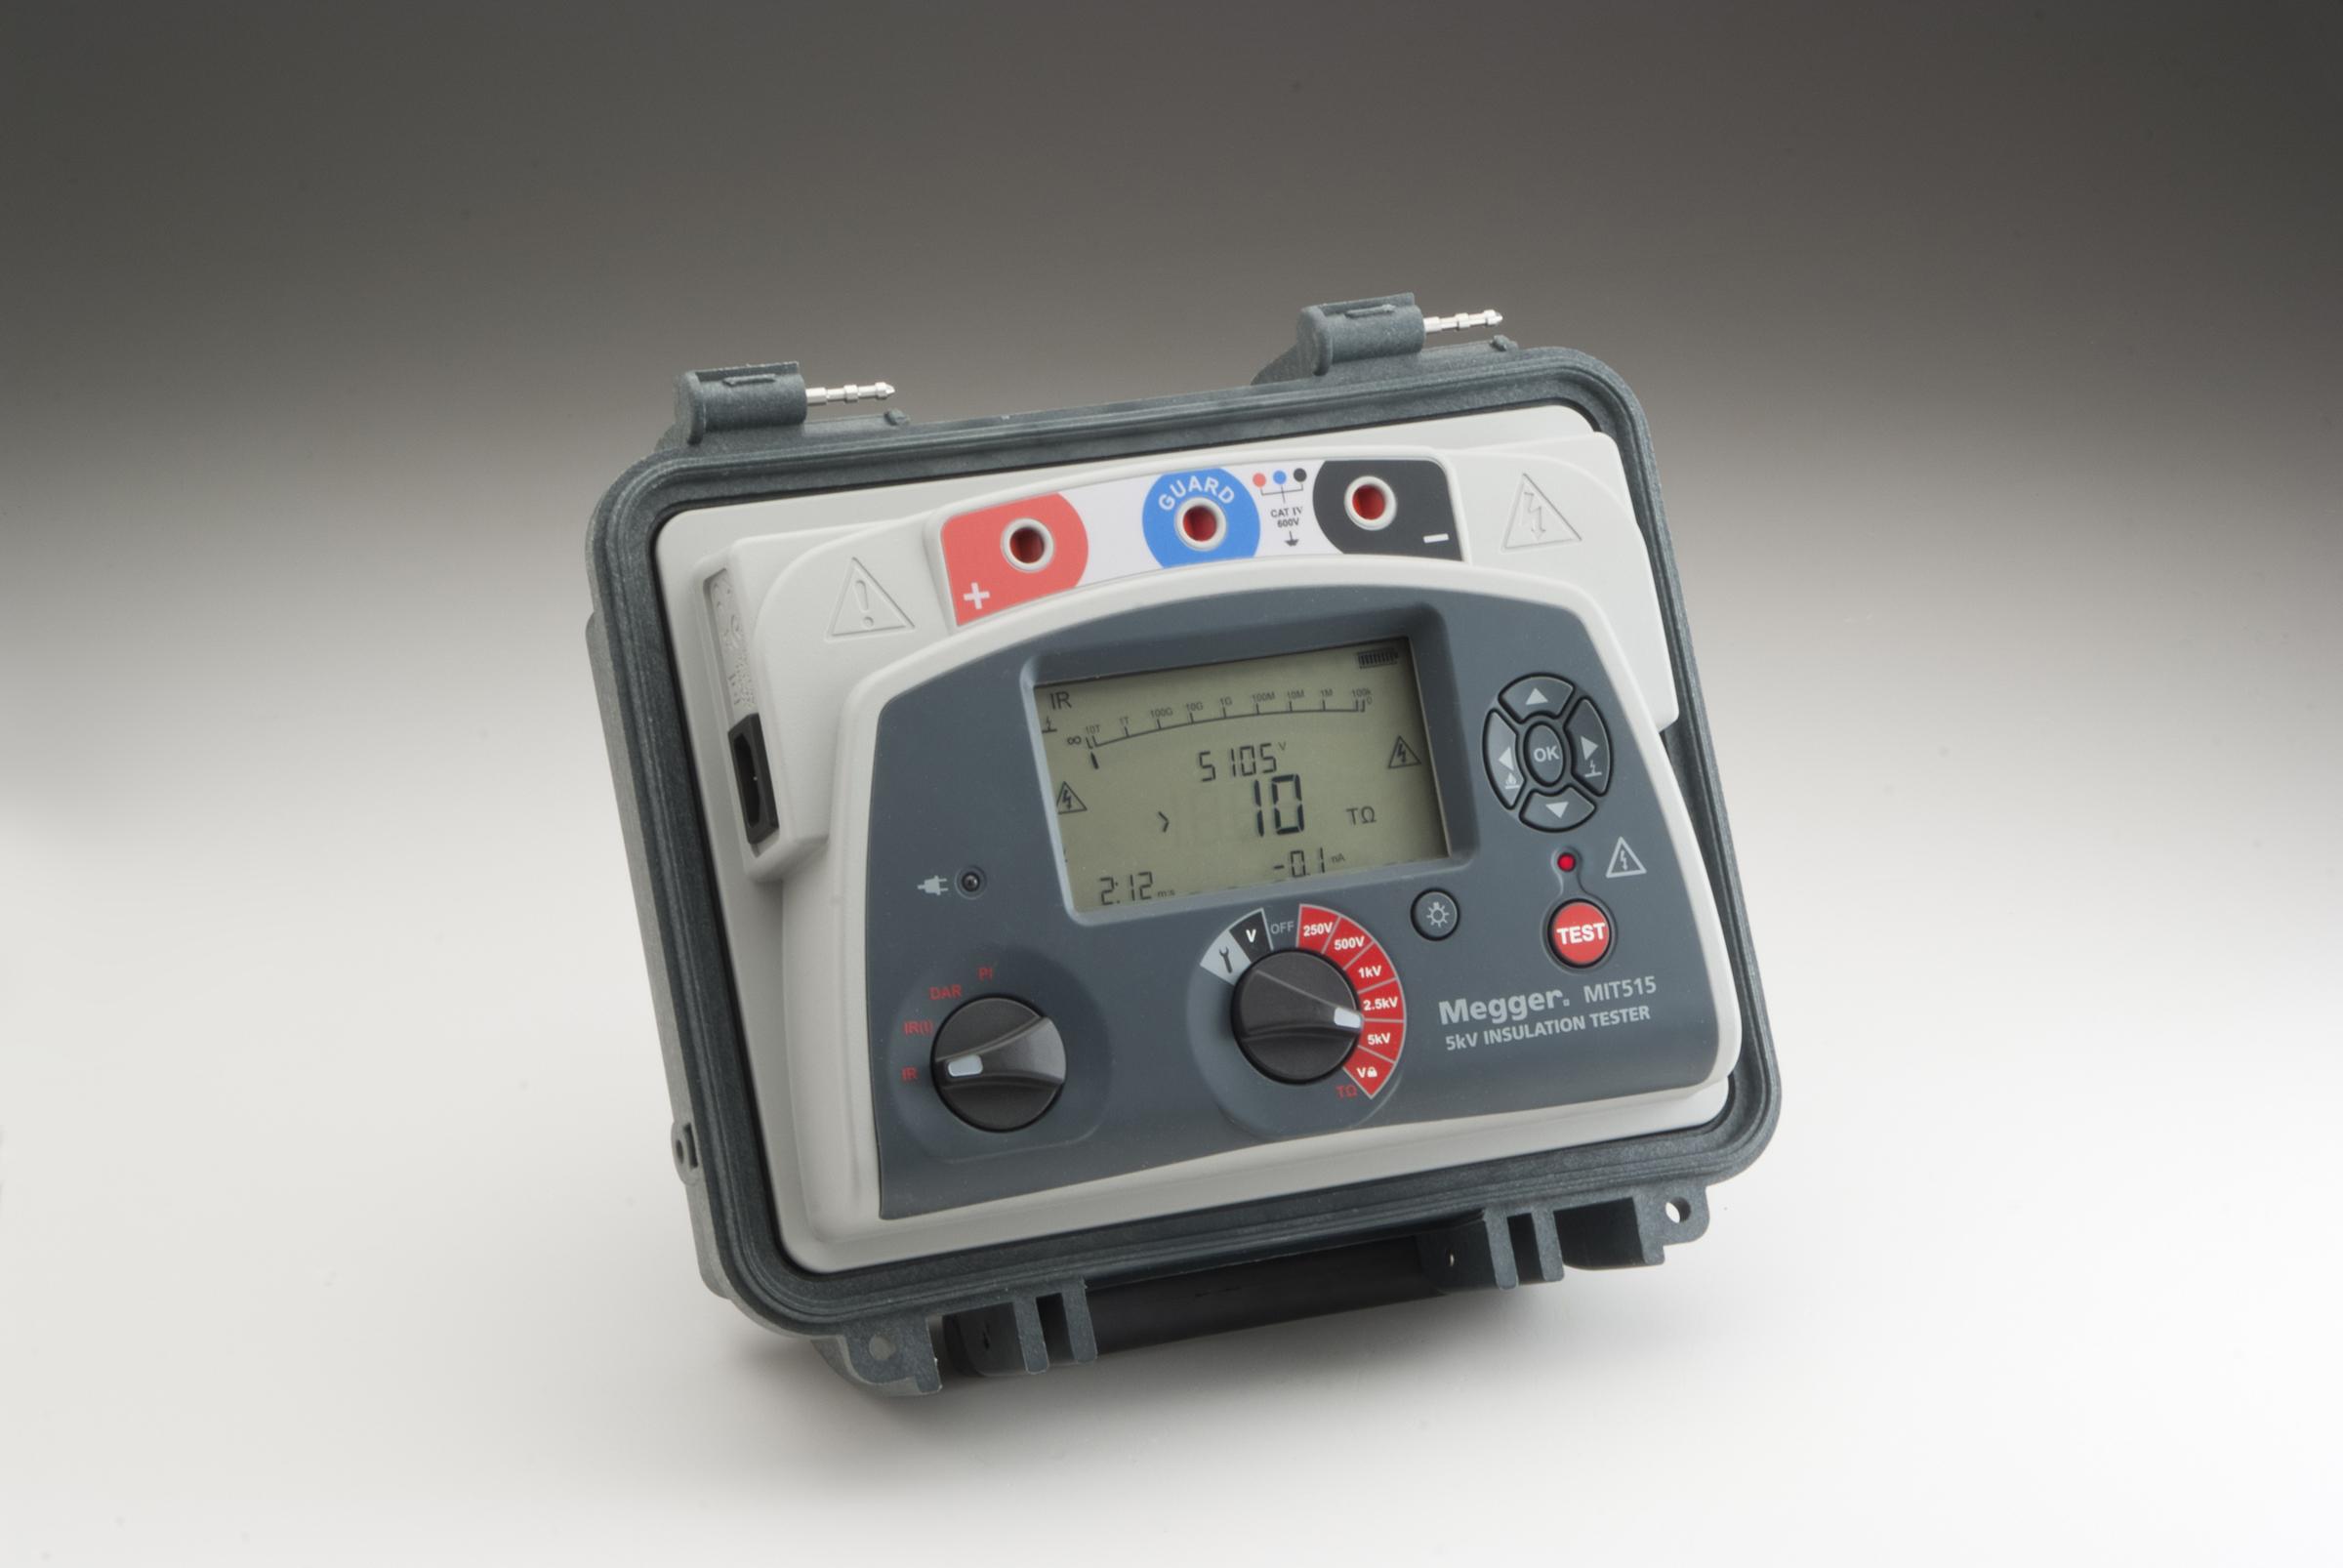 Megger Ins. tester 5kV 1001-937